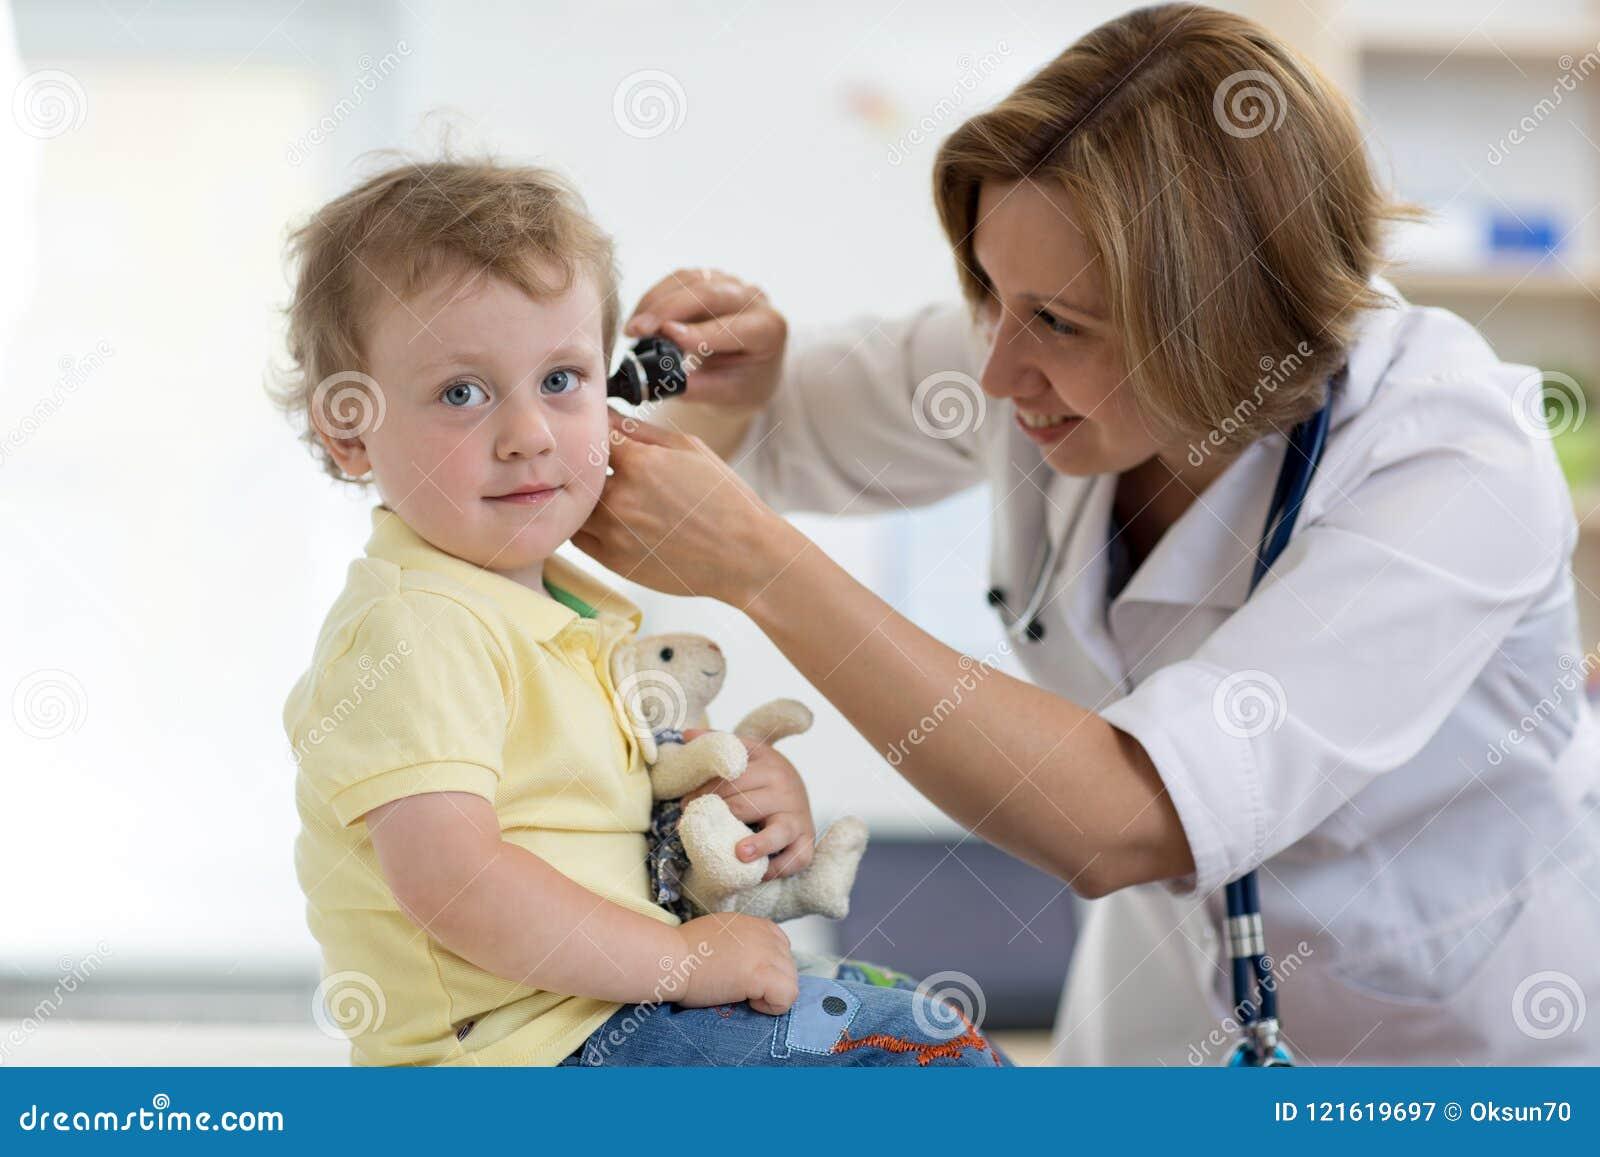 Доктор рассматривает ухо с otoscope в комнате педиатра Медицинское оборудование